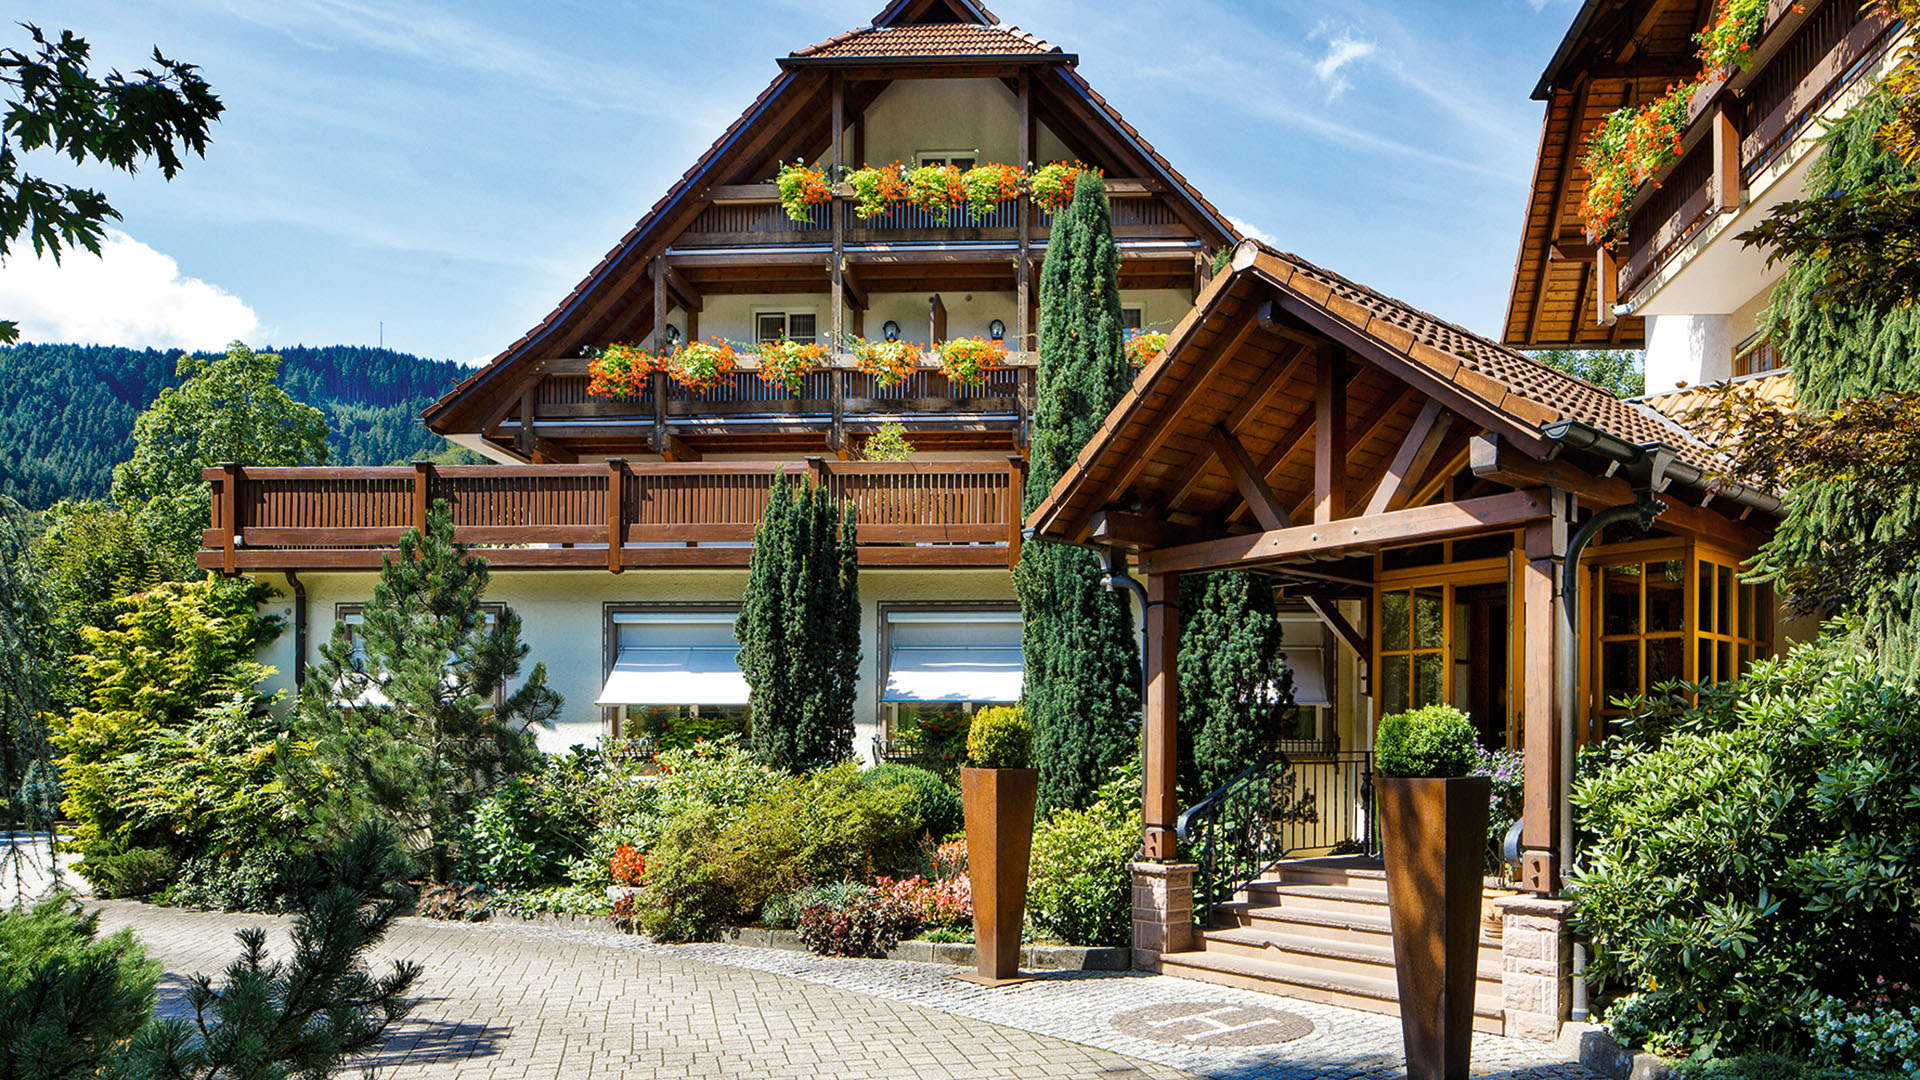 tourenfahrer hotels landhotel hirschen mittlerer schwarzwald deutschland. Black Bedroom Furniture Sets. Home Design Ideas